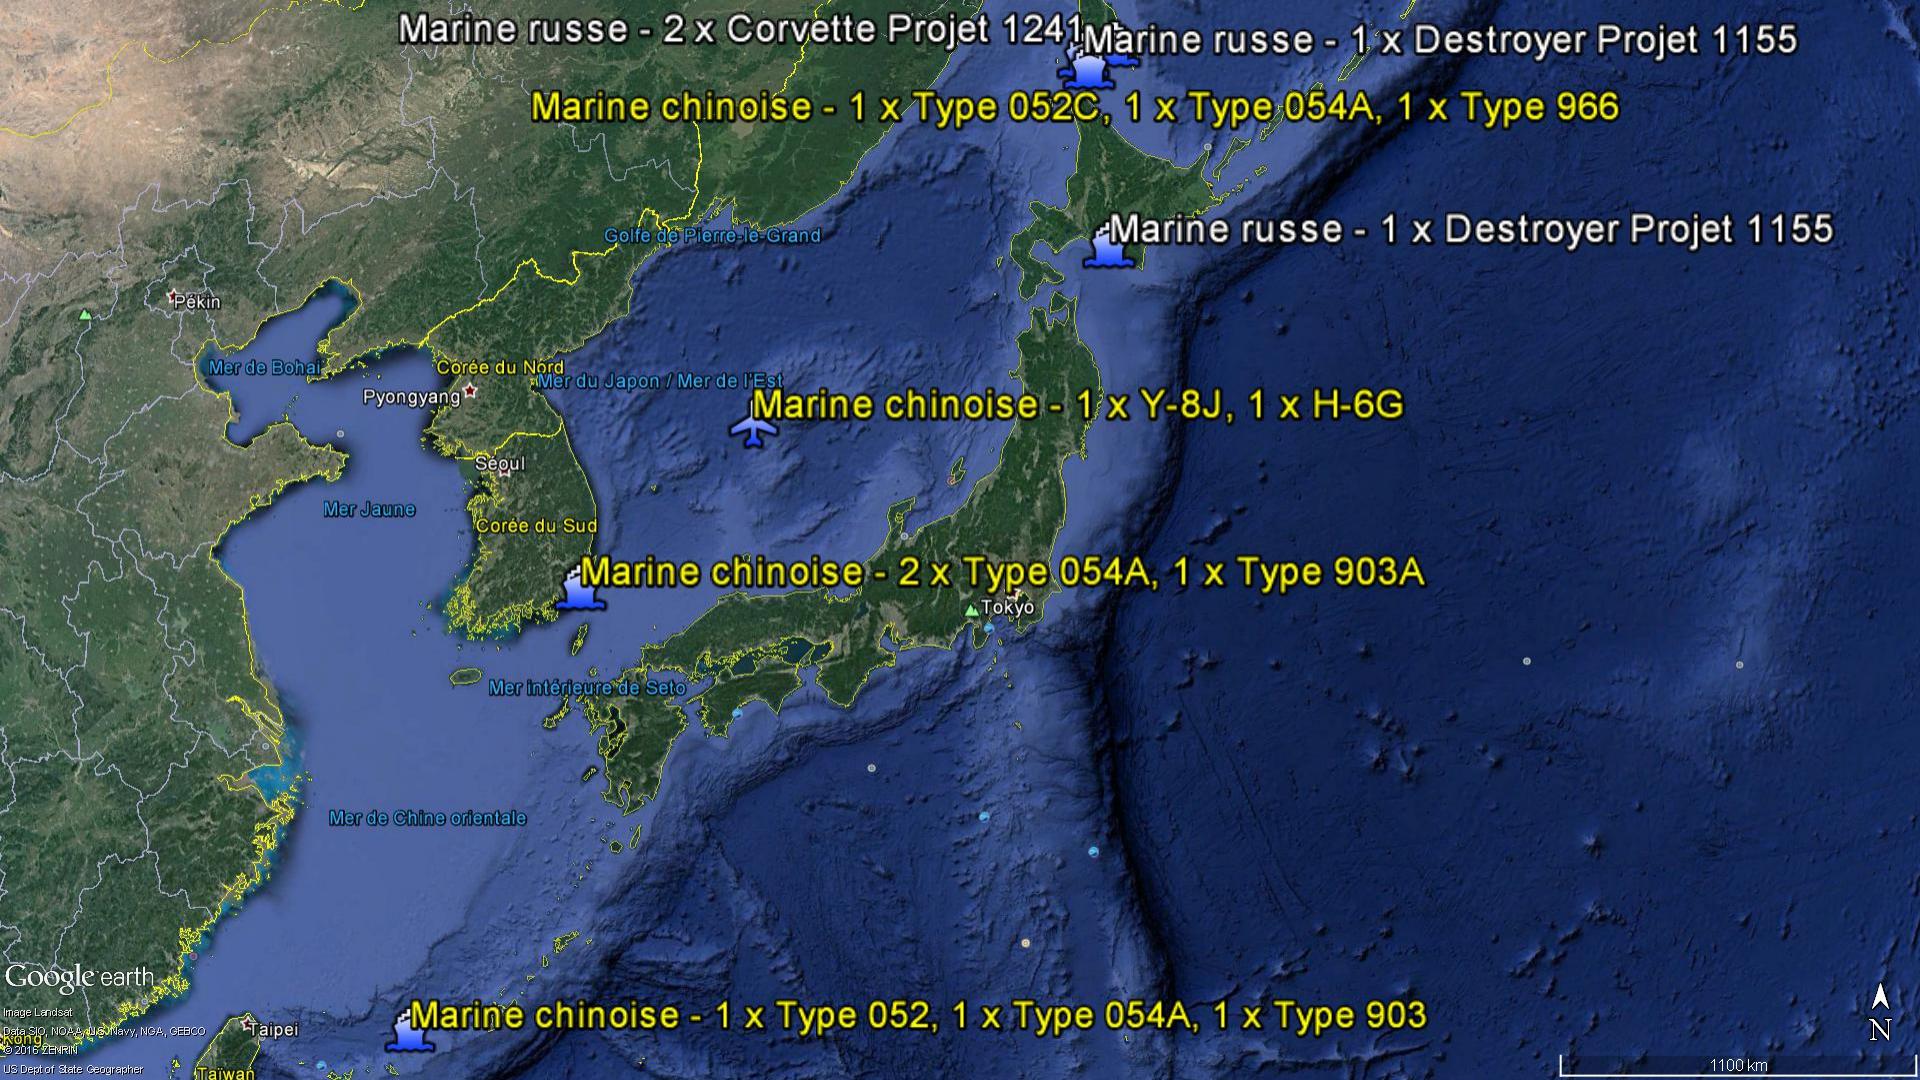 2016 08 19 - La marine chinoise autour du Japon - 03